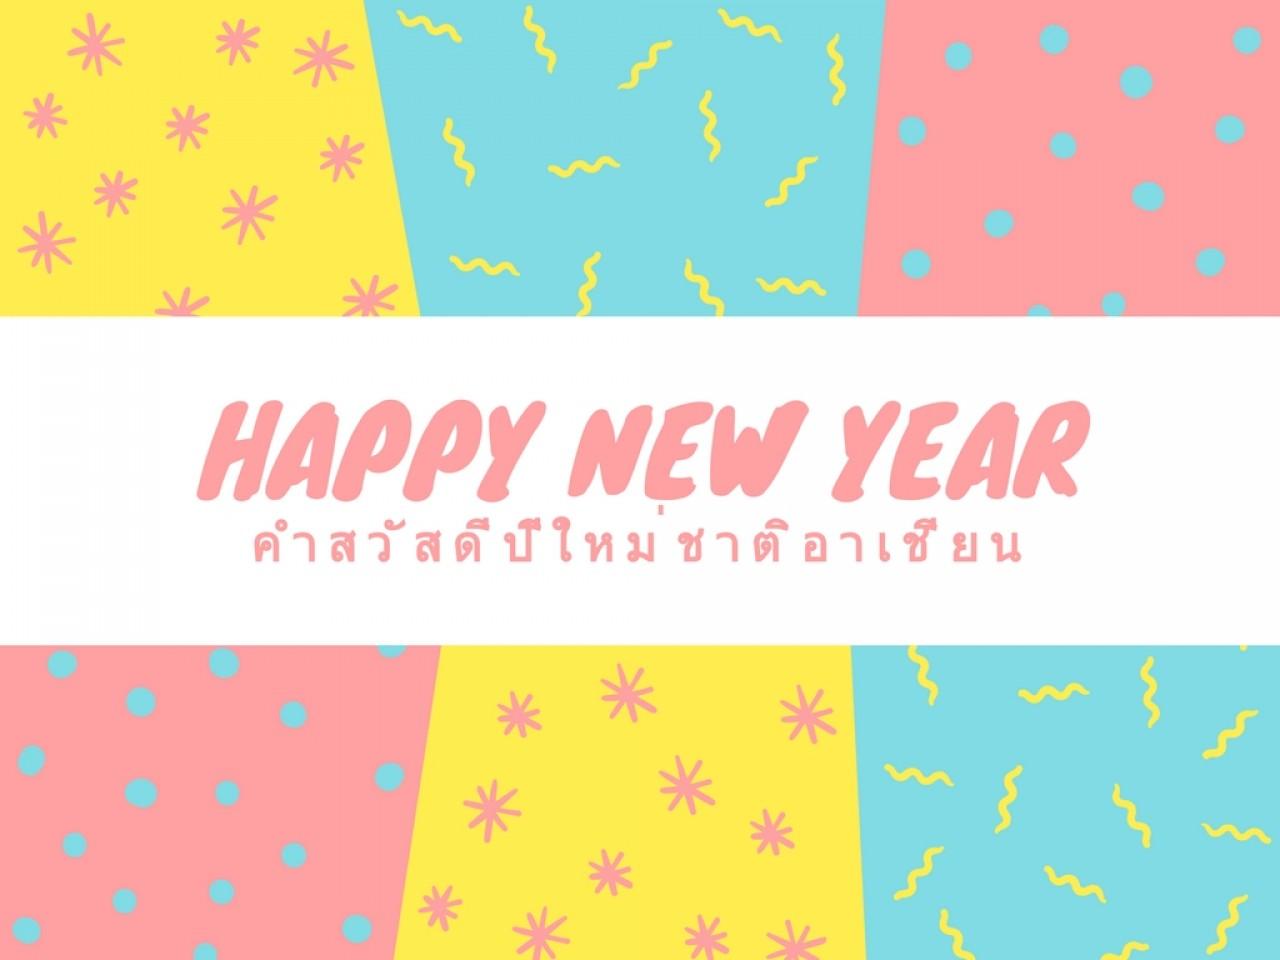 สวัสดีปีใหม่ของอาเซียน